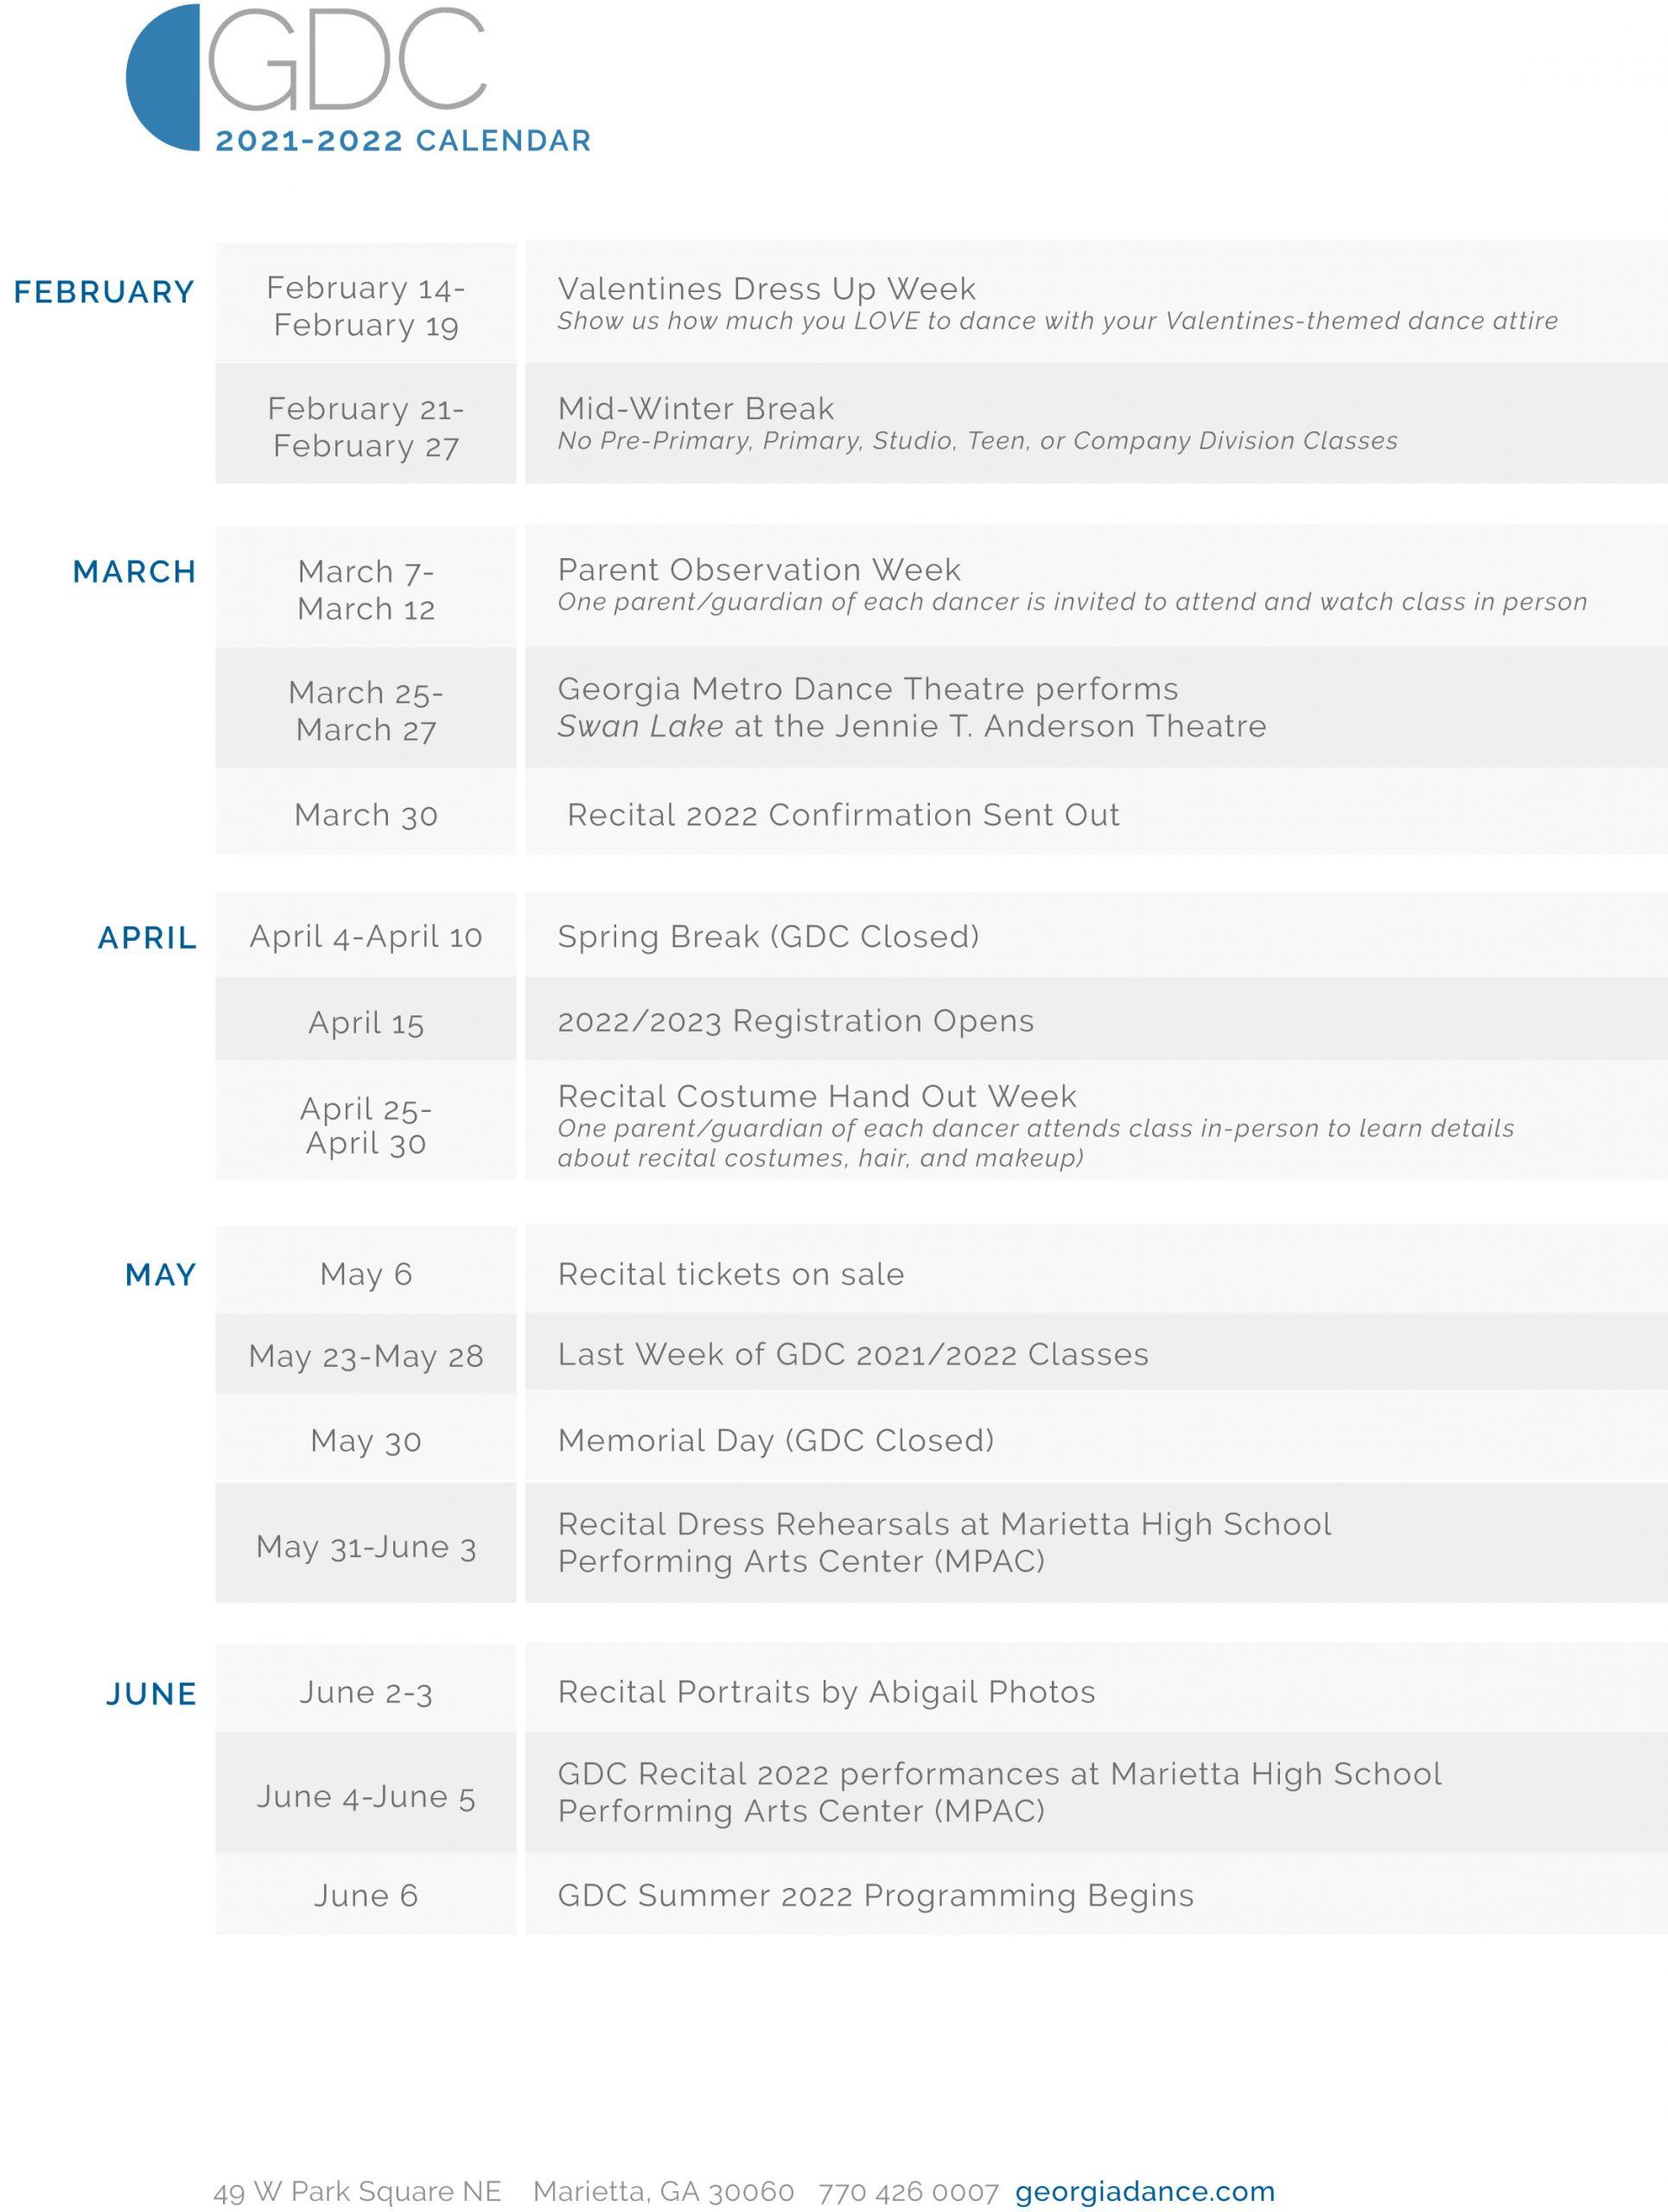 GDC_2021-2022_Cal-Details2